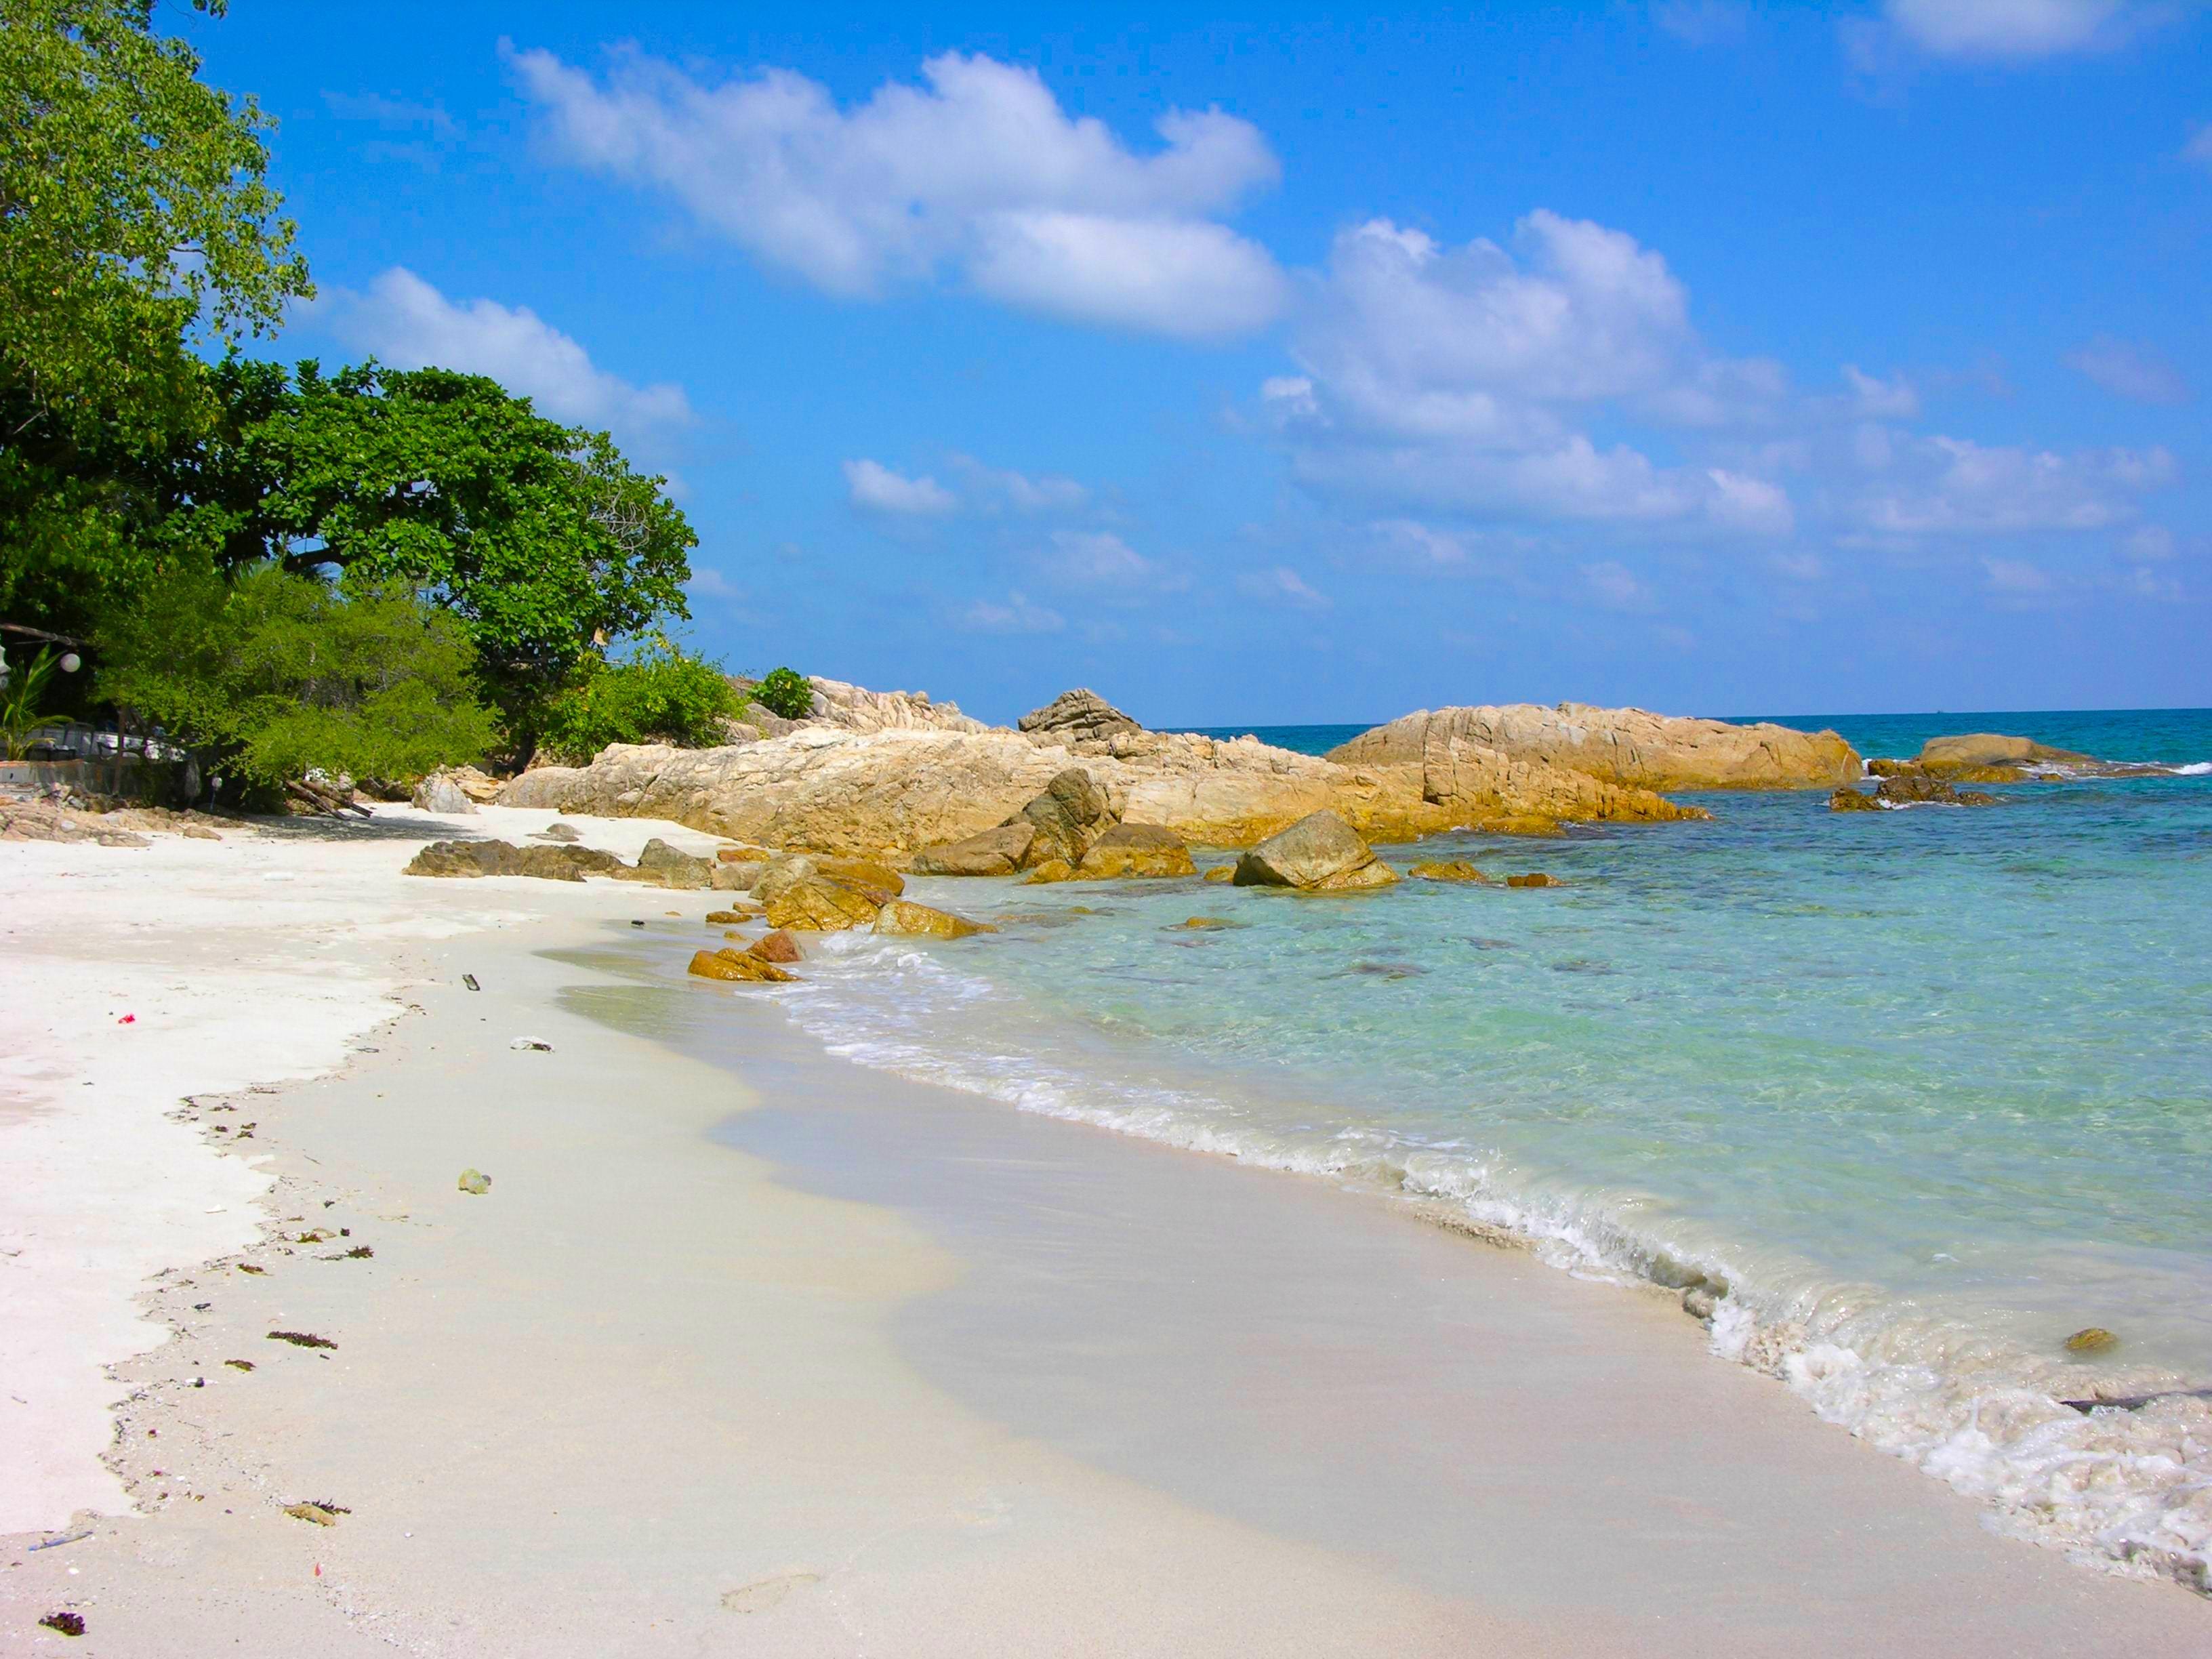 Фото пустынный пляж море природа